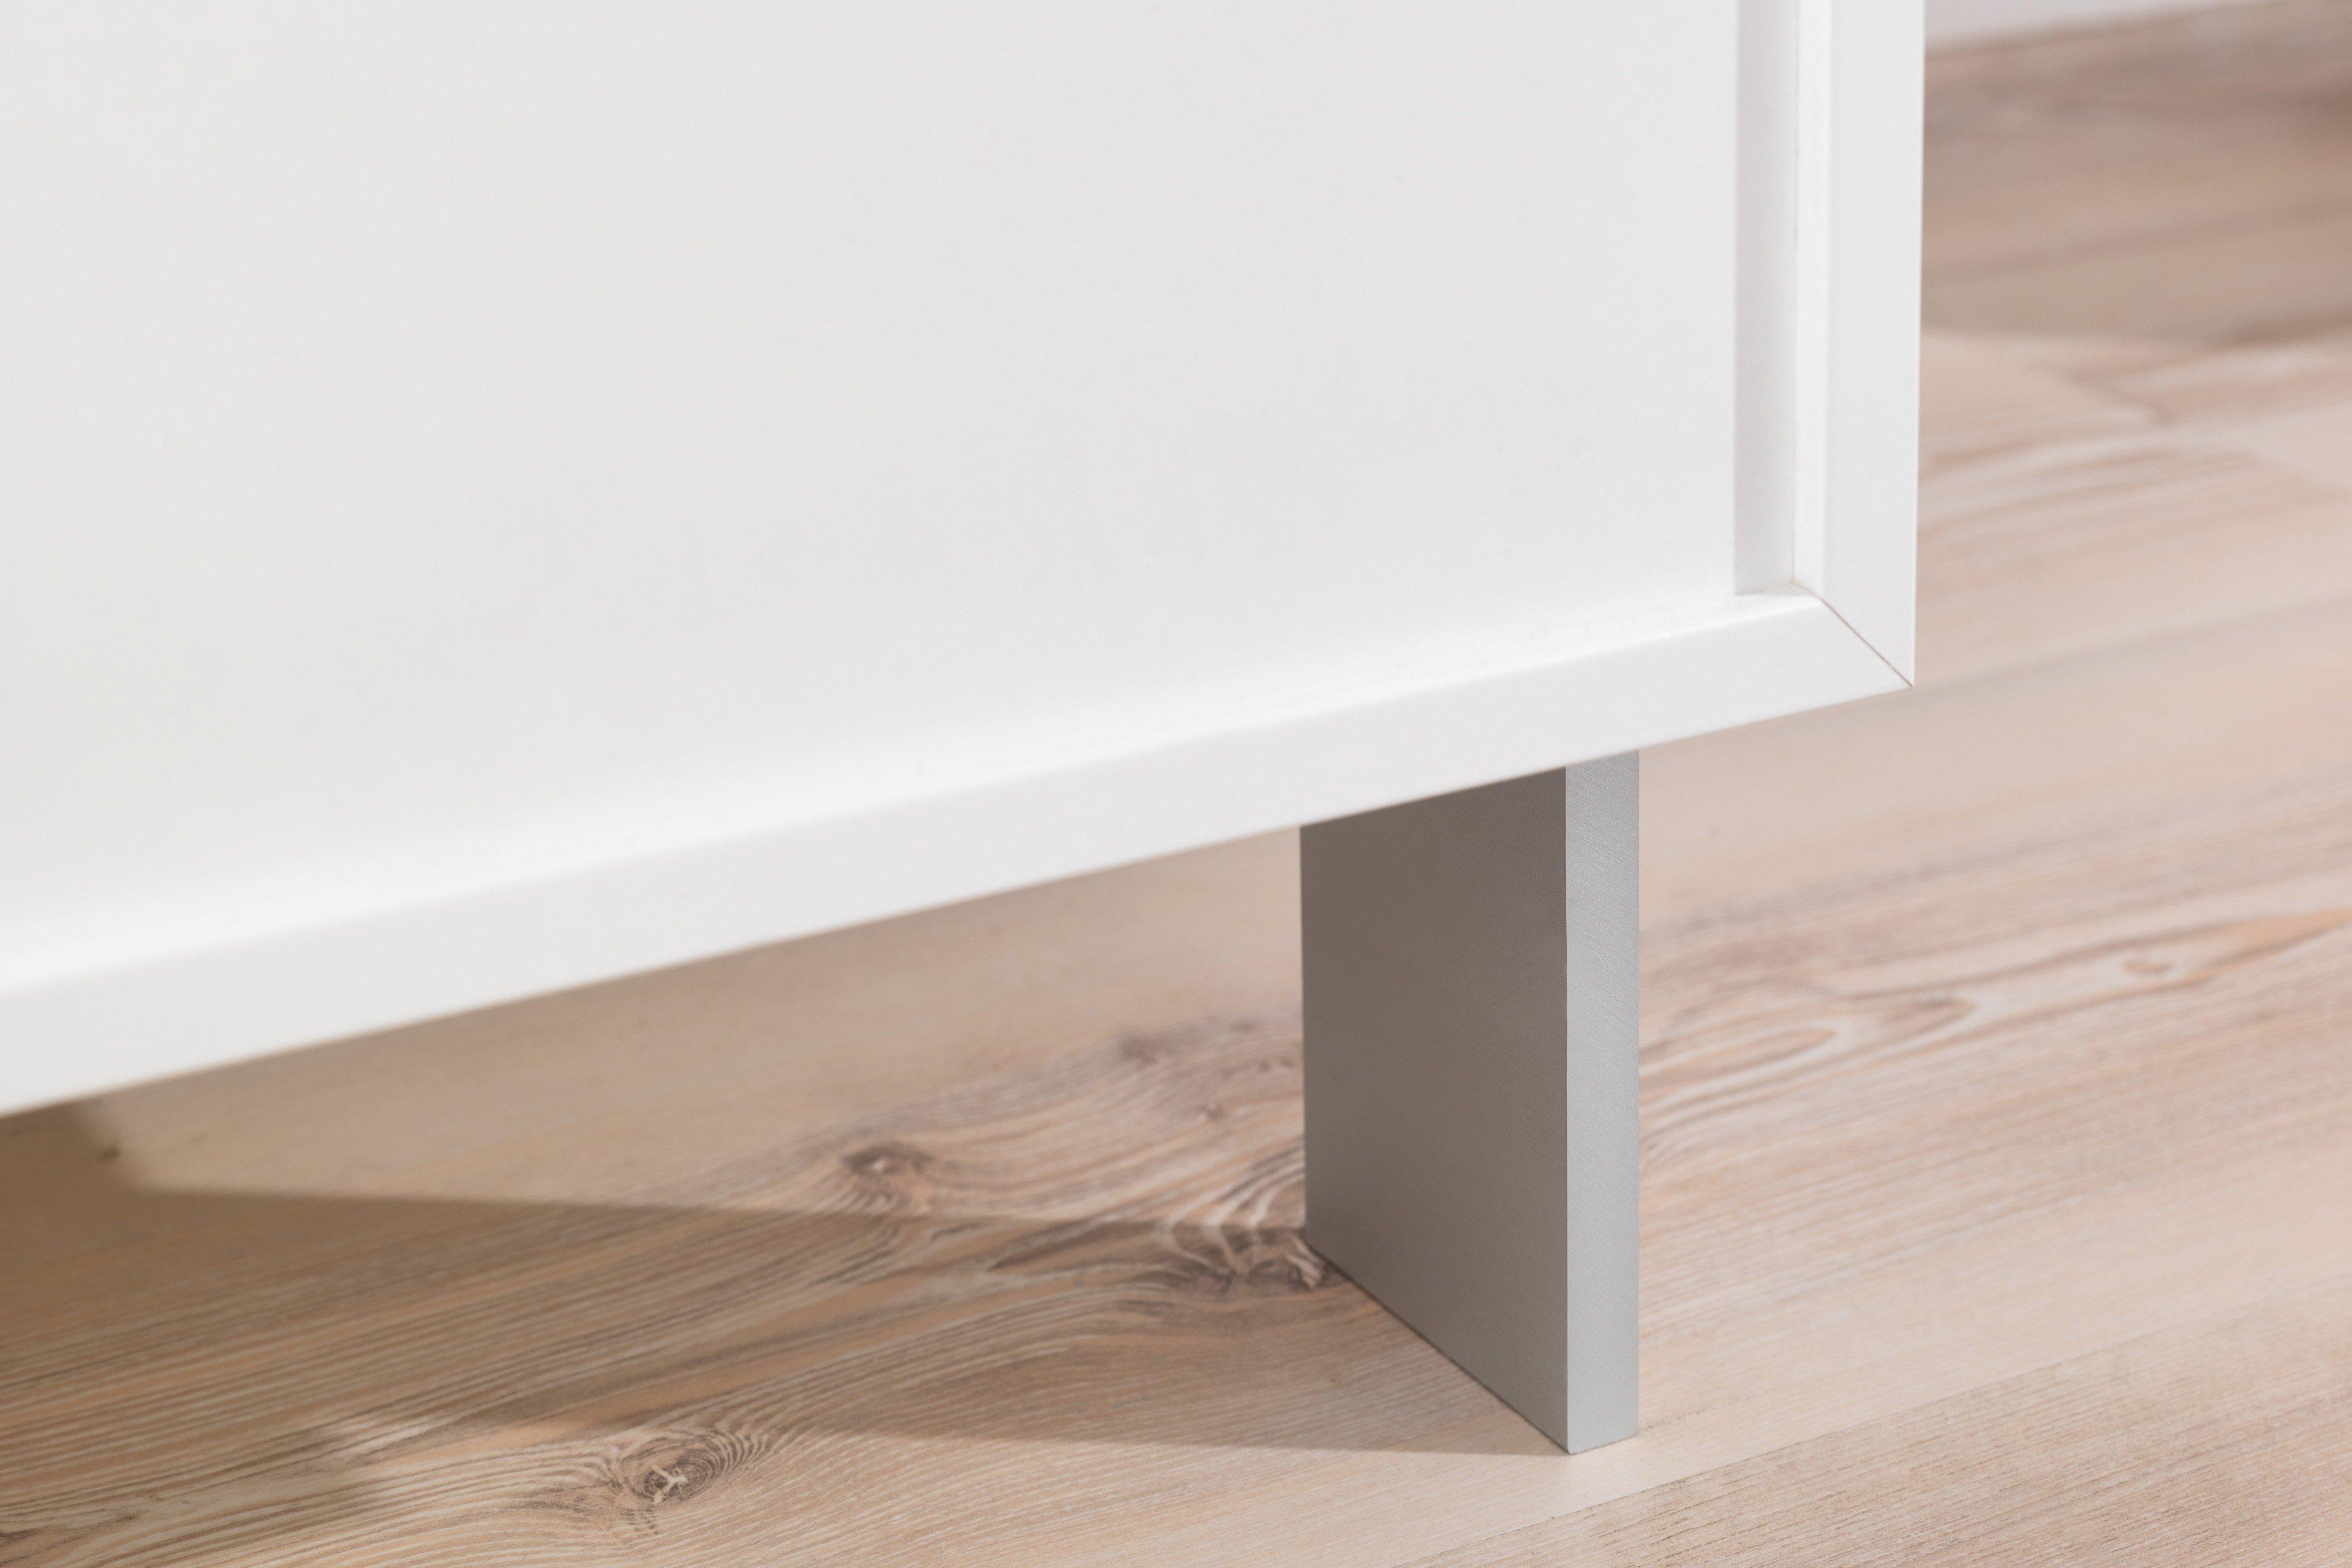 Wellemöbel Wickelkommode Enie weiß - Esche | Möbel Letz - Ihr ...